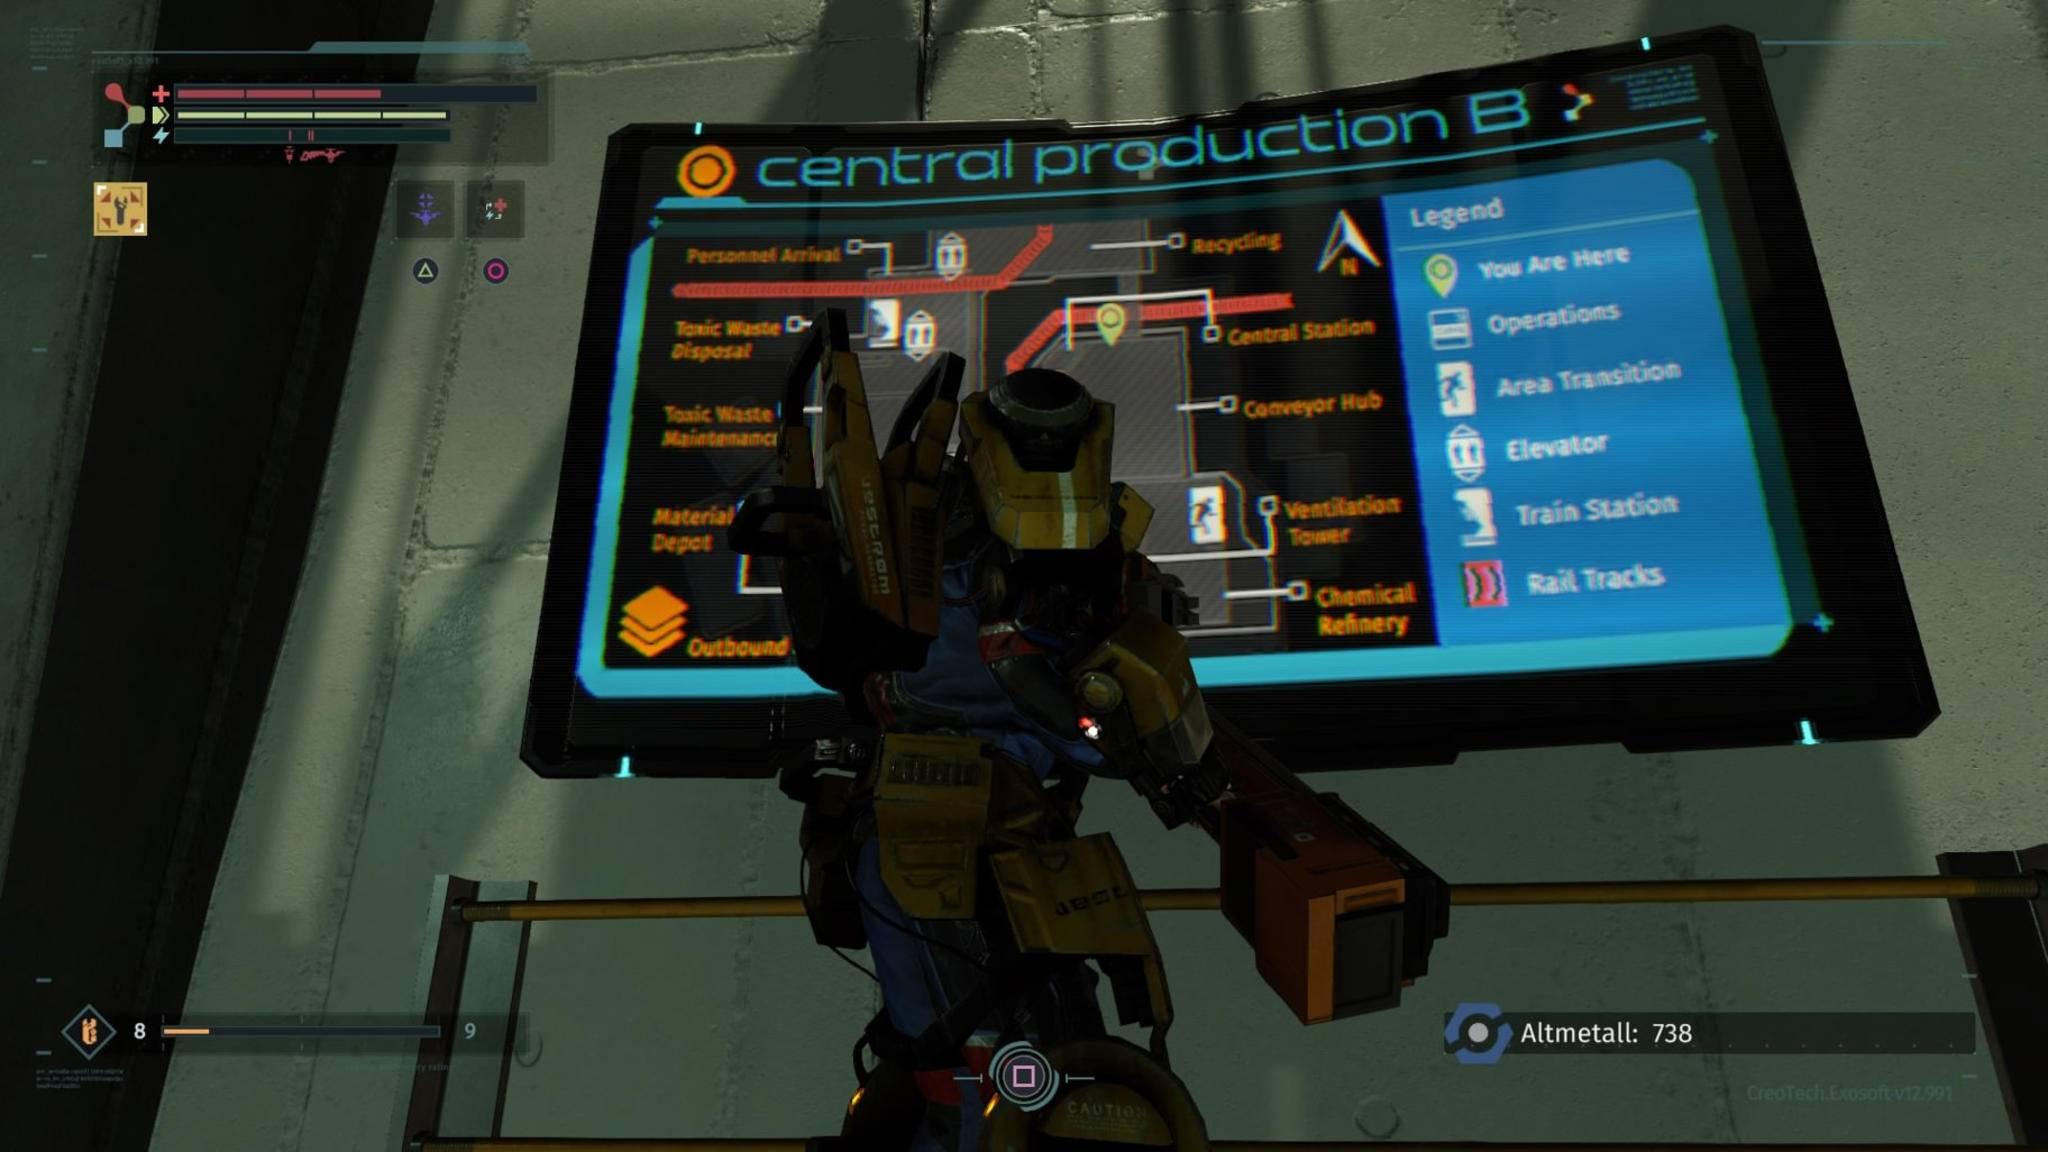 Eine Map der Level gibt es höchstens im Vorbeilaufen zu sehen. Das Menü bietet die Option bewusst nicht an.